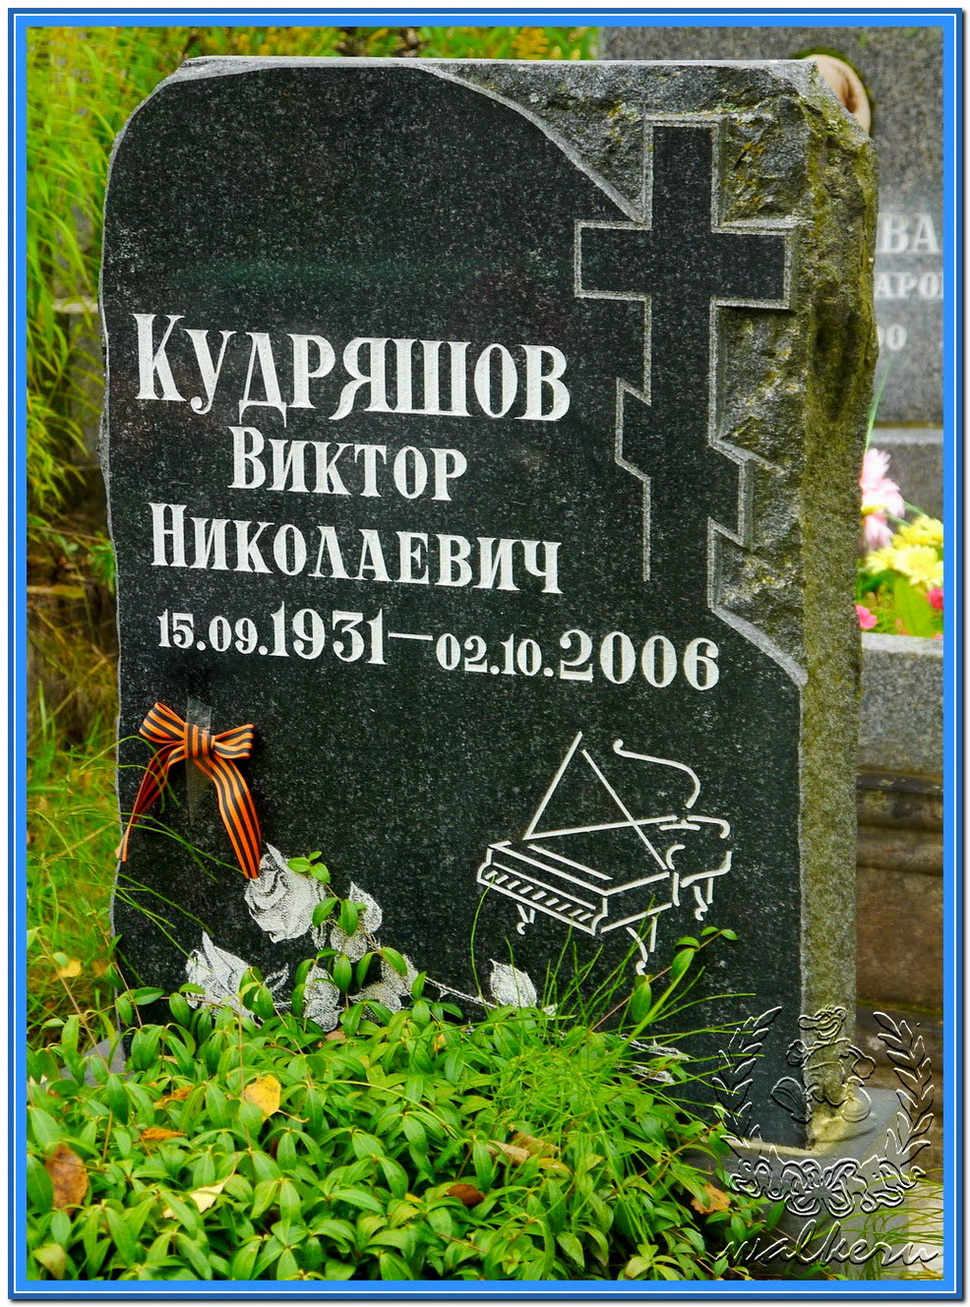 Кудряшов Виктор Николаевич